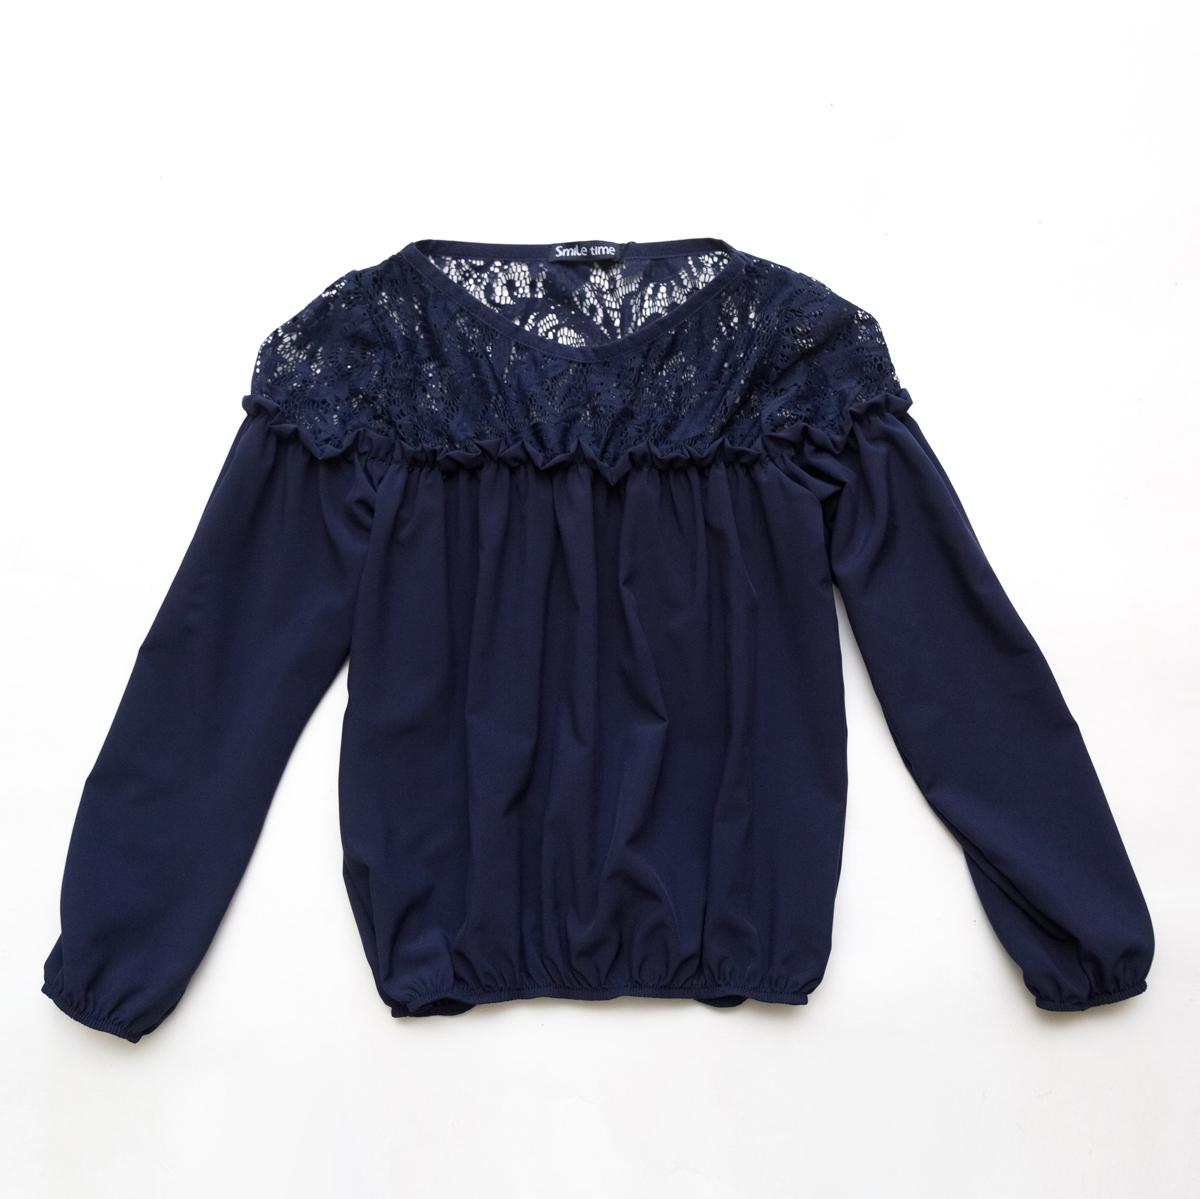 Блузка для девочки с длинным рукавом SmileTime Susie с гипюром, синяя